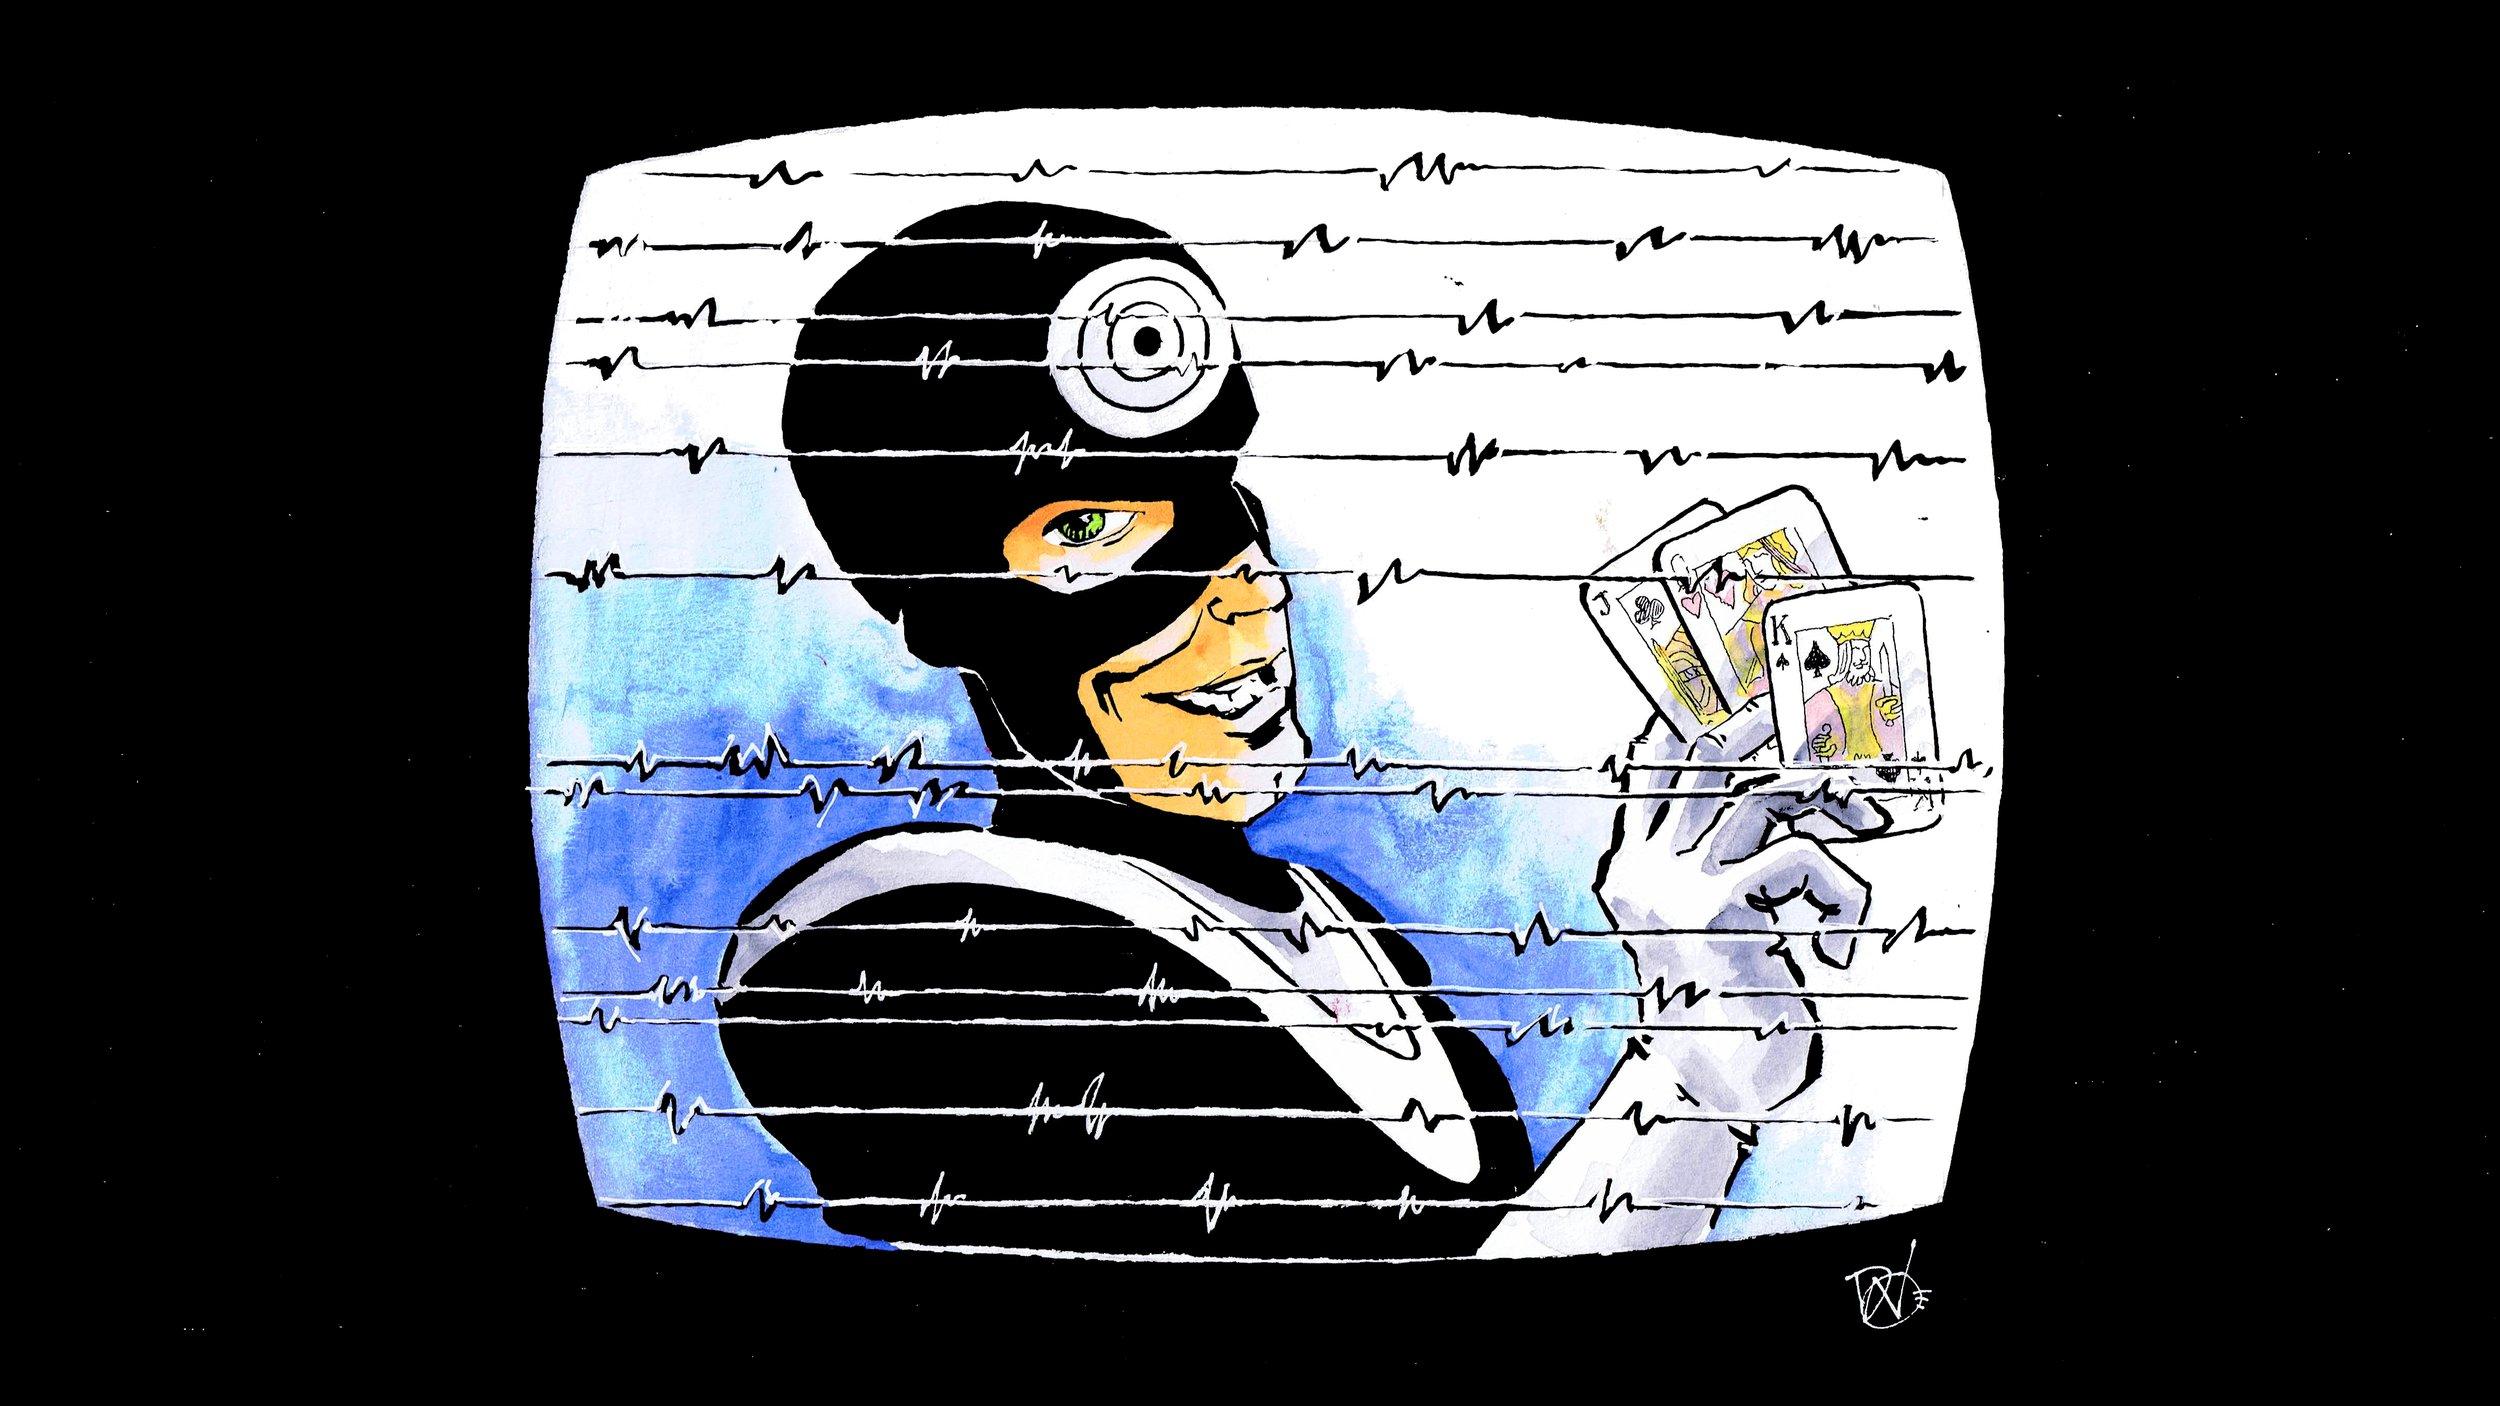 Super, Smashing, Great - Bullseye comes after DD again - art by David Wynne